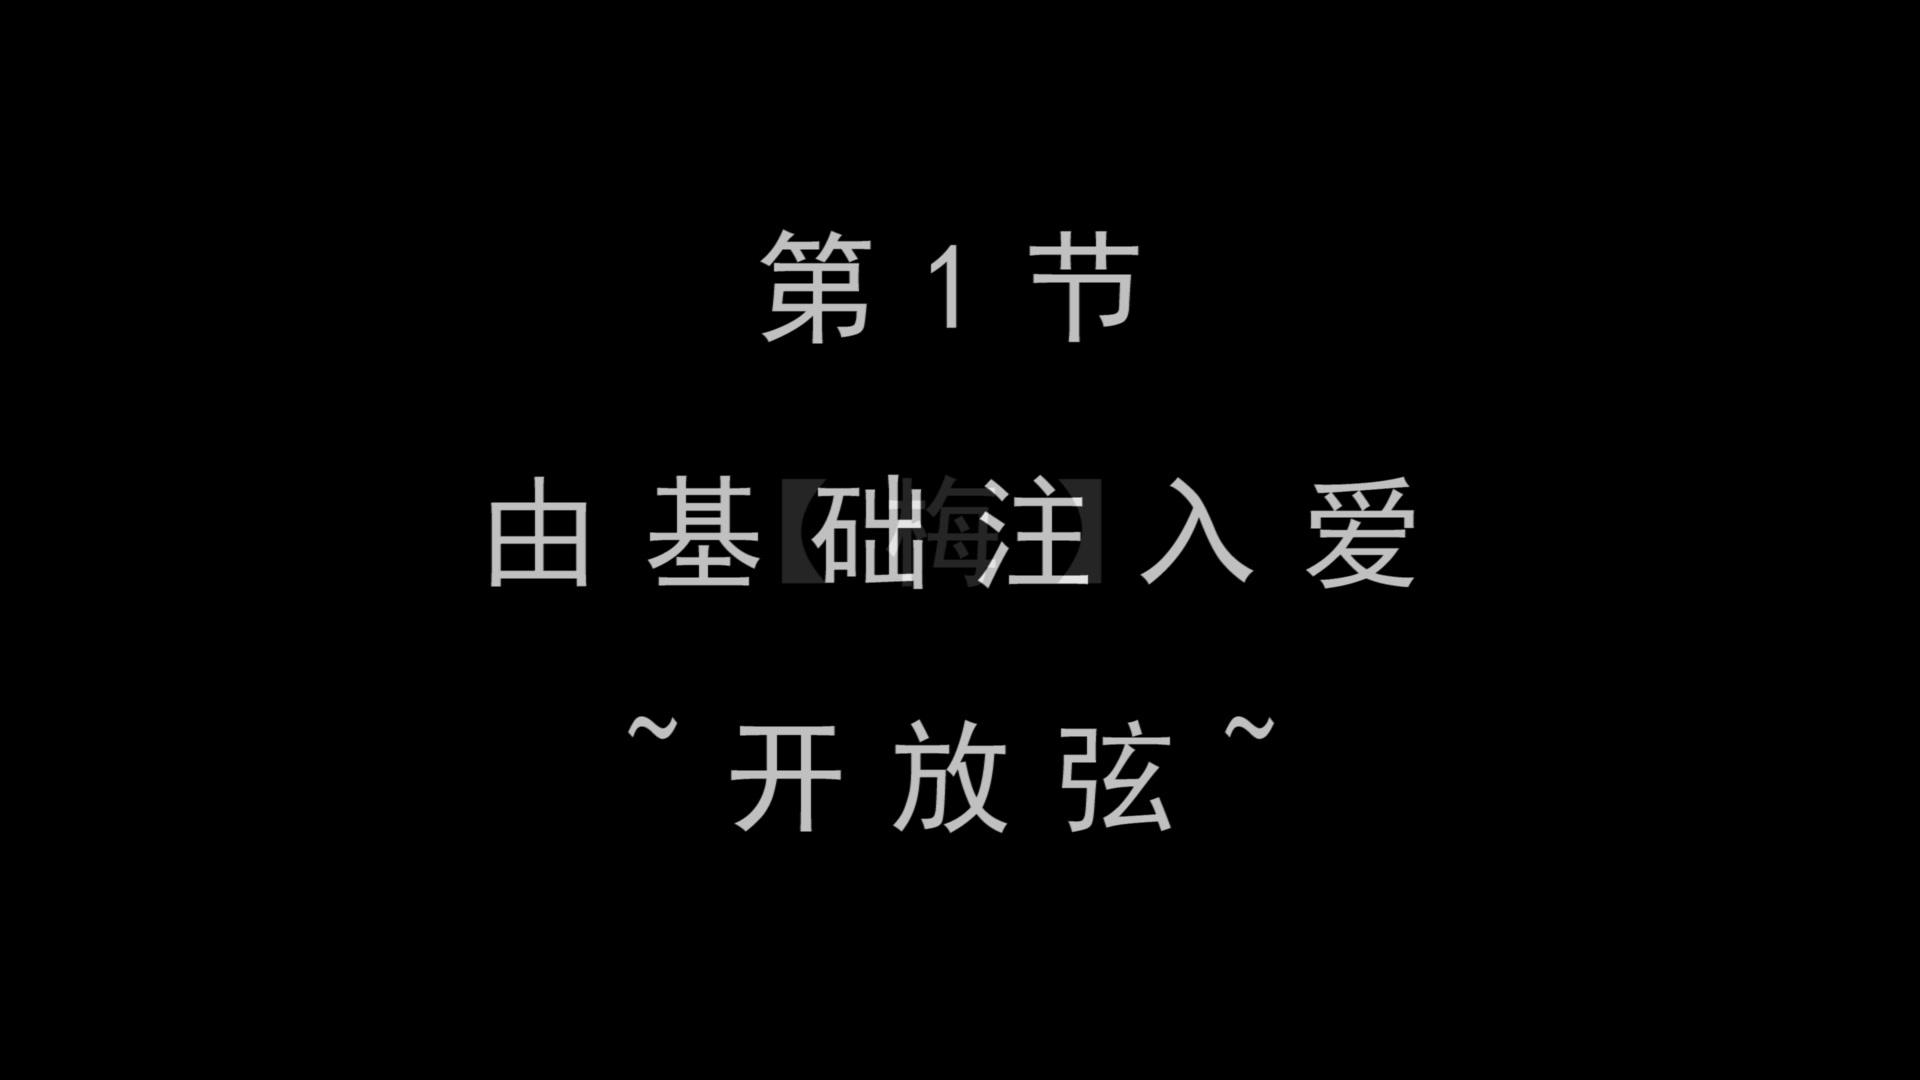 【地狱训练】《速弹入门篇》第1节